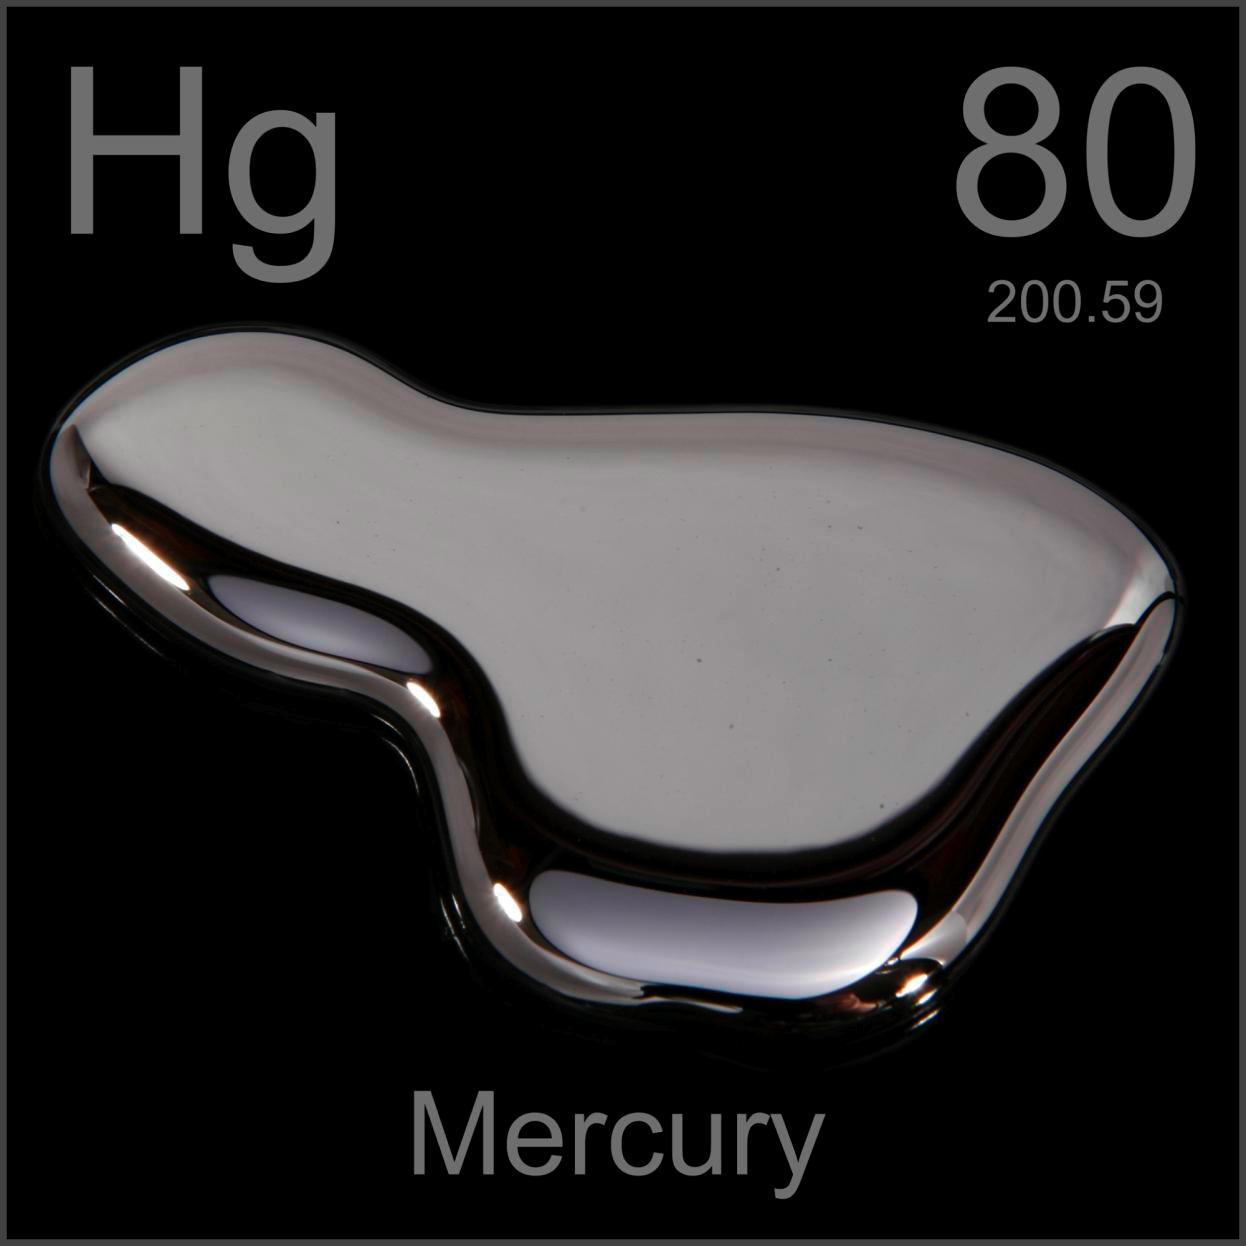 Minamata y el mercurio